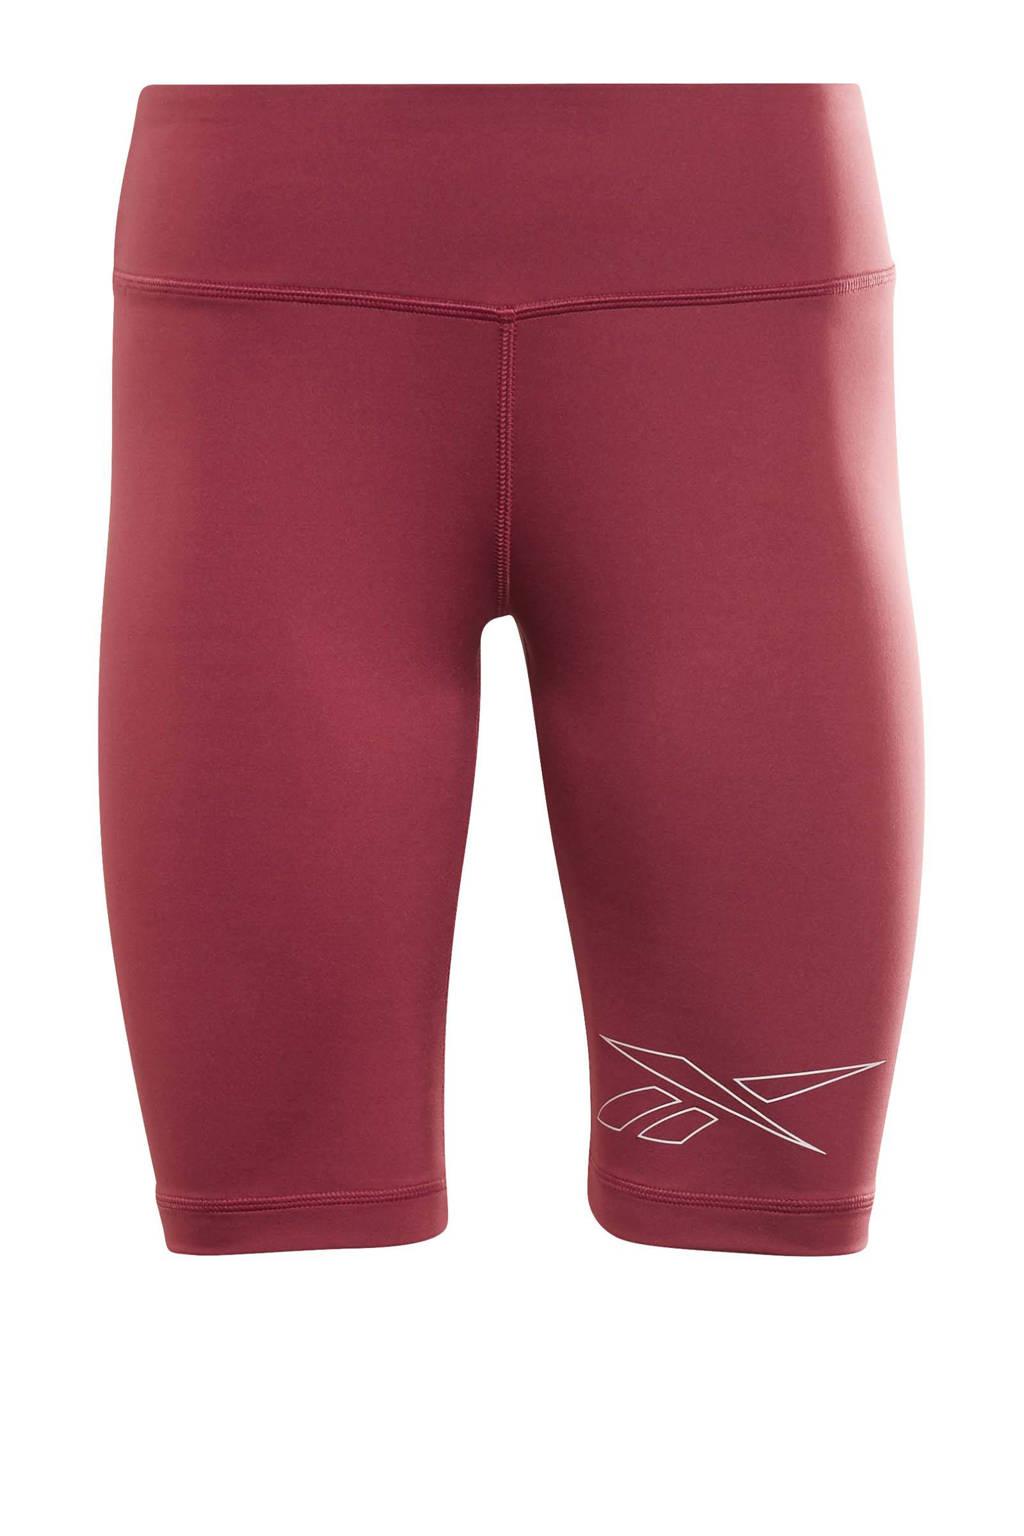 Reebok Training sportshort rood, Rood